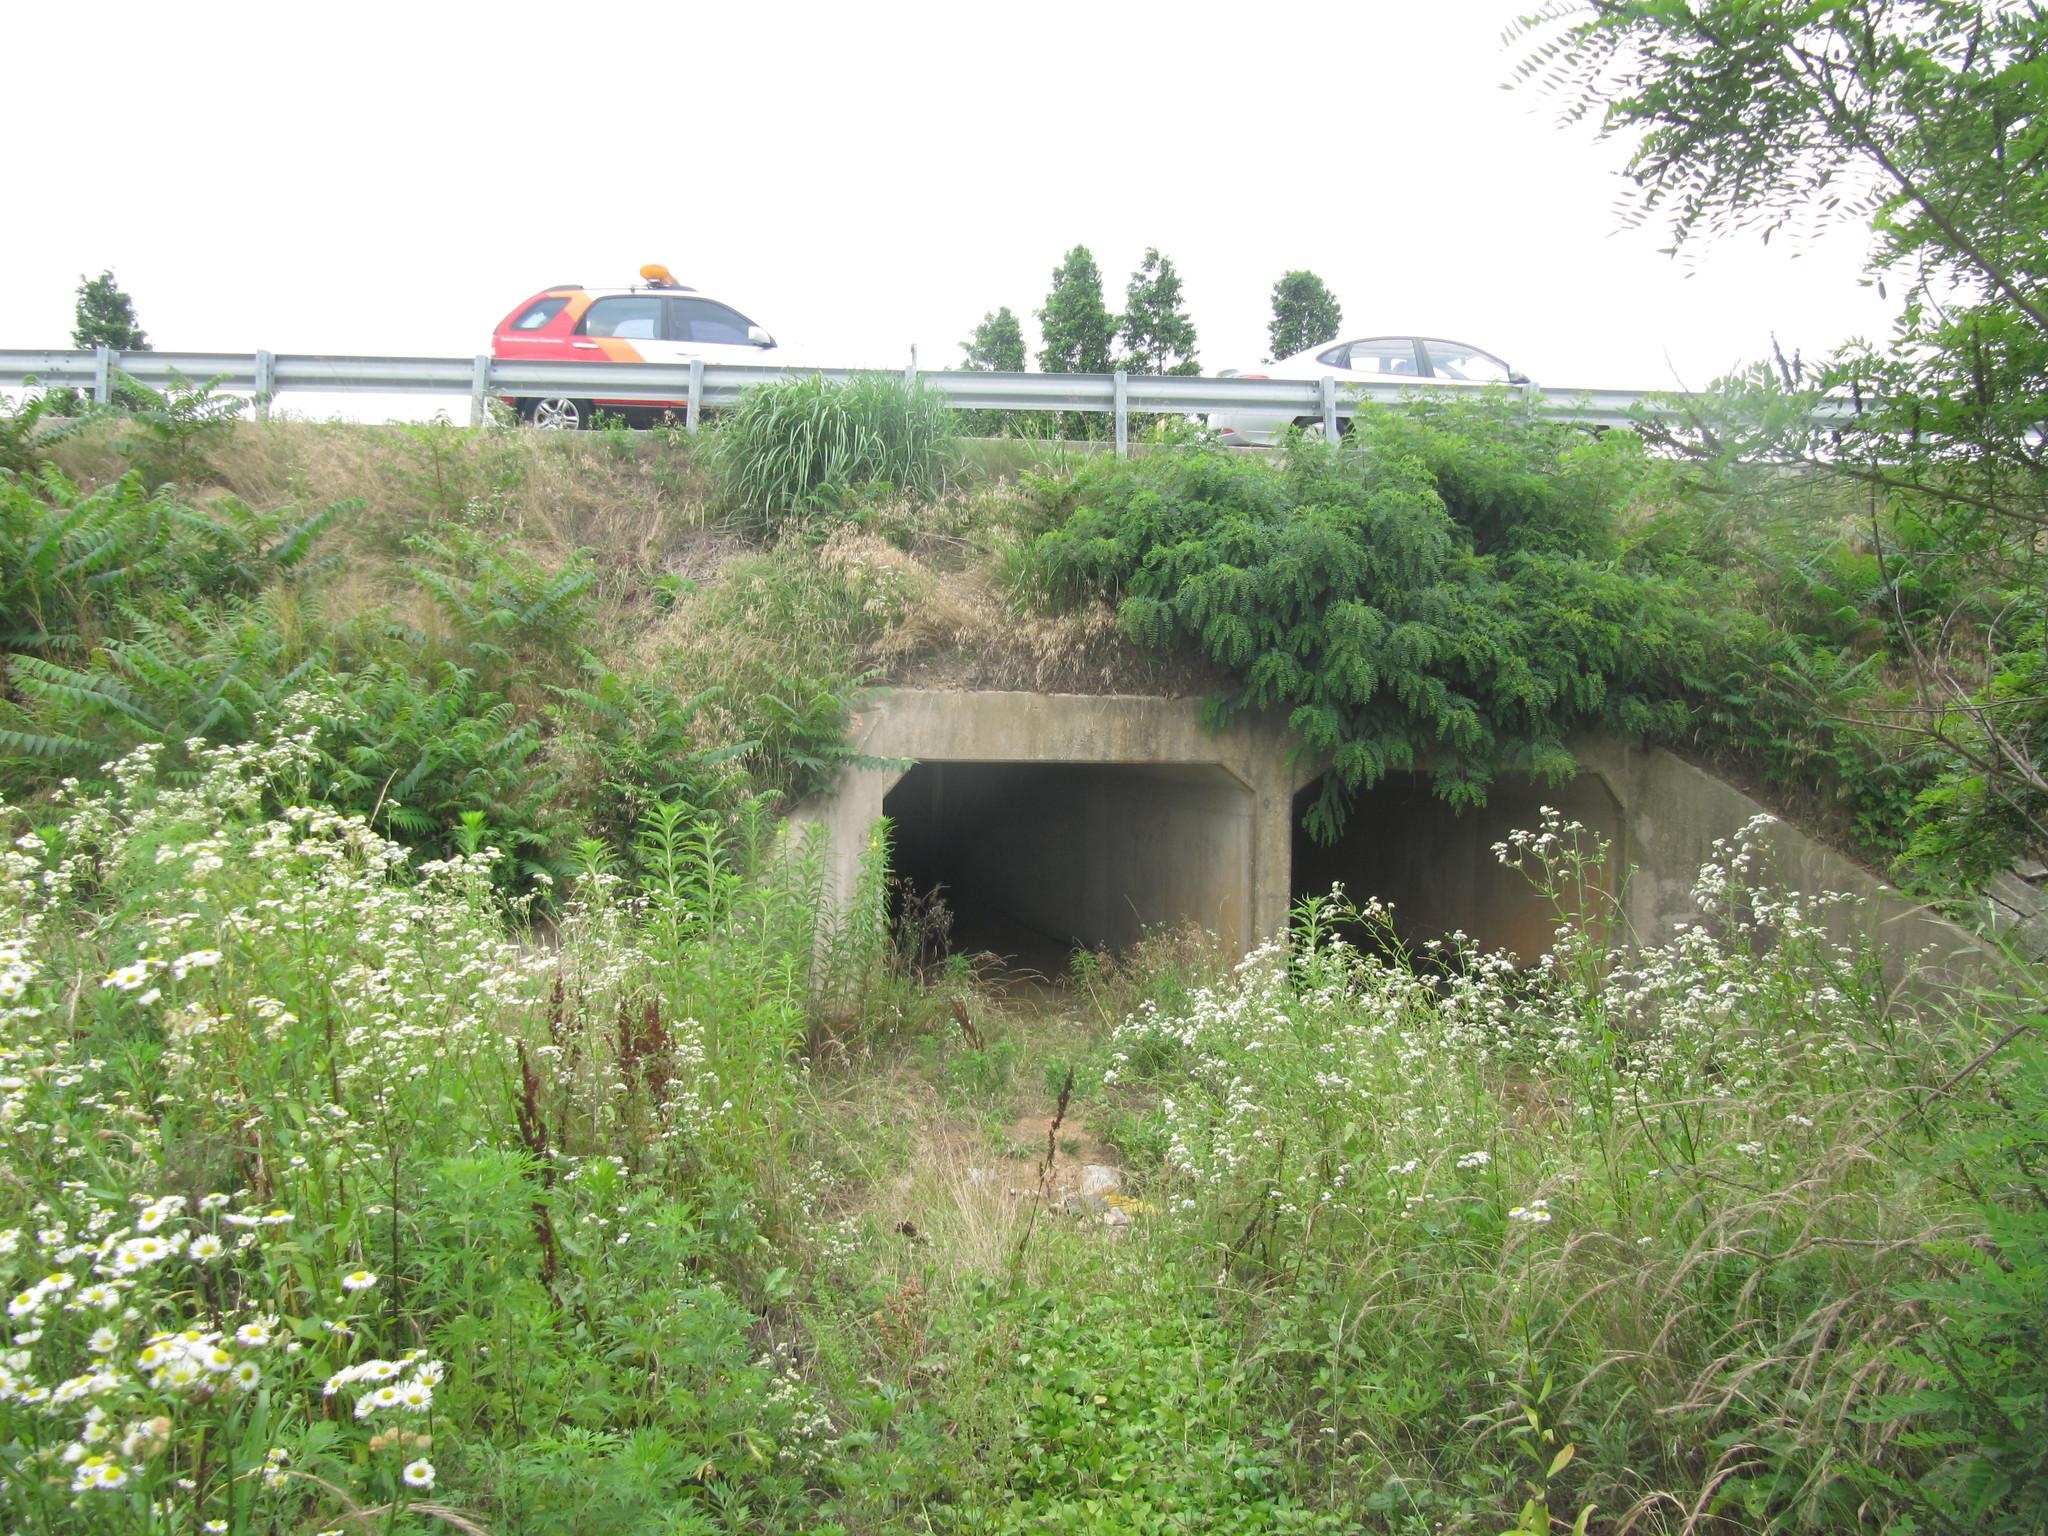 호남고속도로에 설치된 터널형 생태이동통로 [사진 국립생물자원관 한상훈 박사]